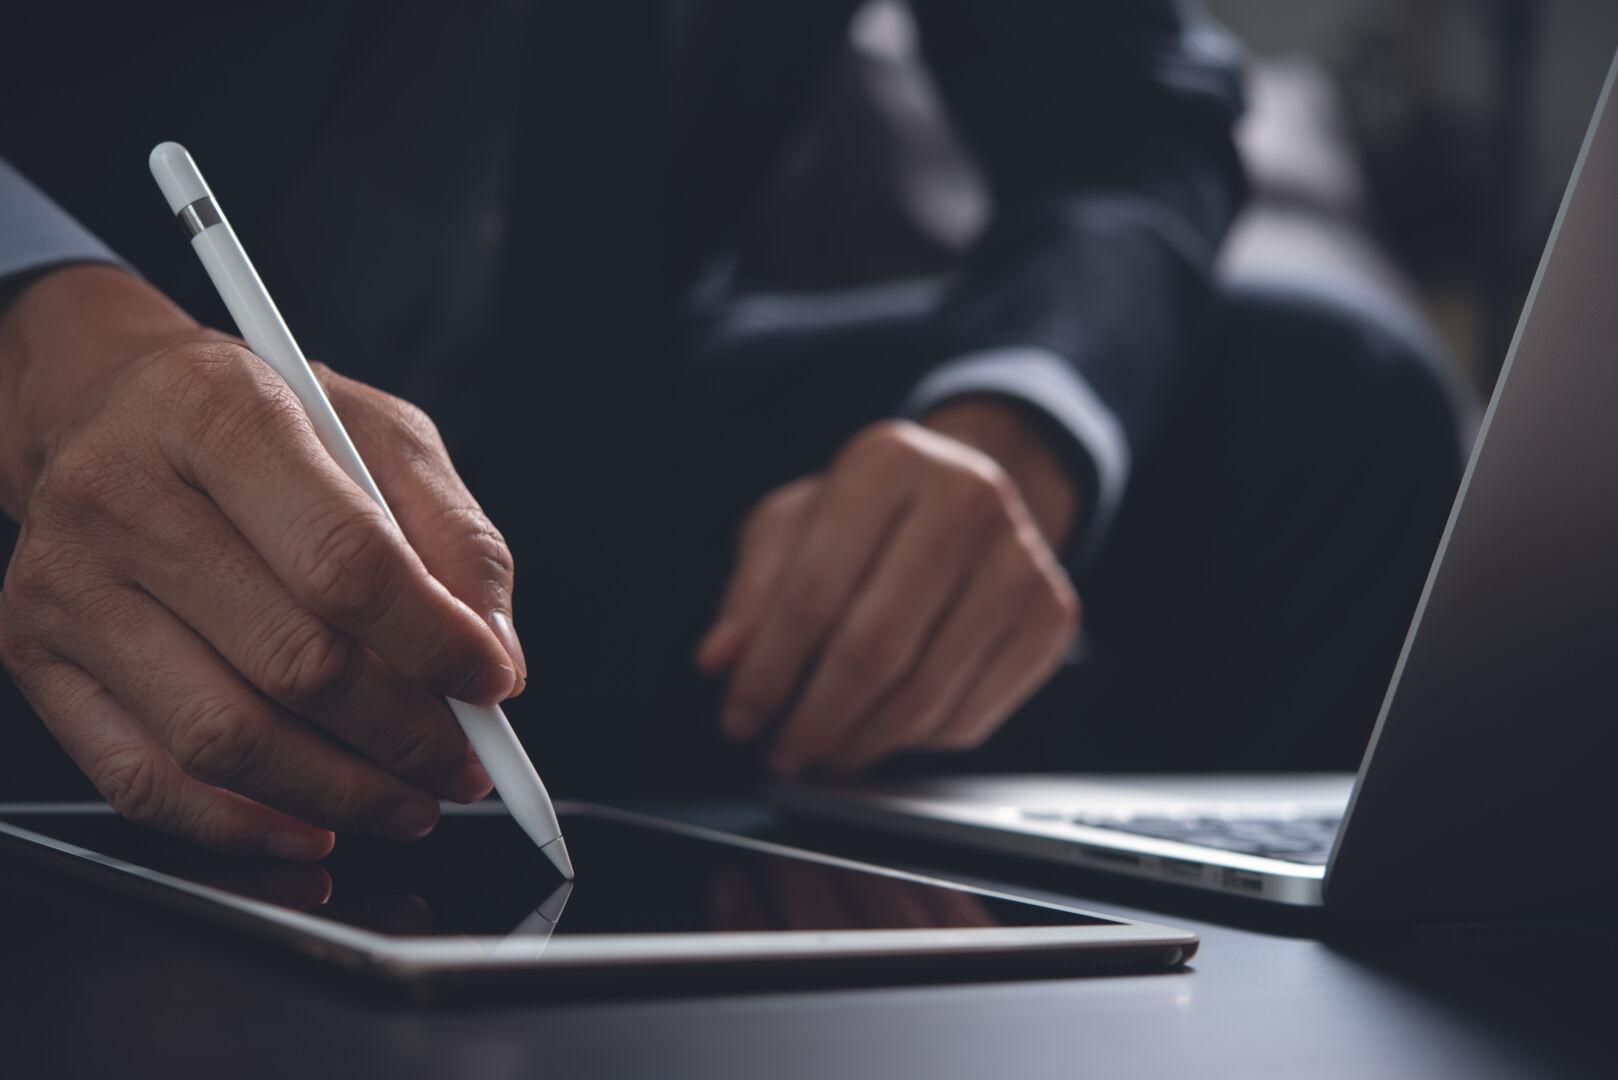 e-SignProof, le spécialiste de la signature électronique, continue à se développer malgré la crise